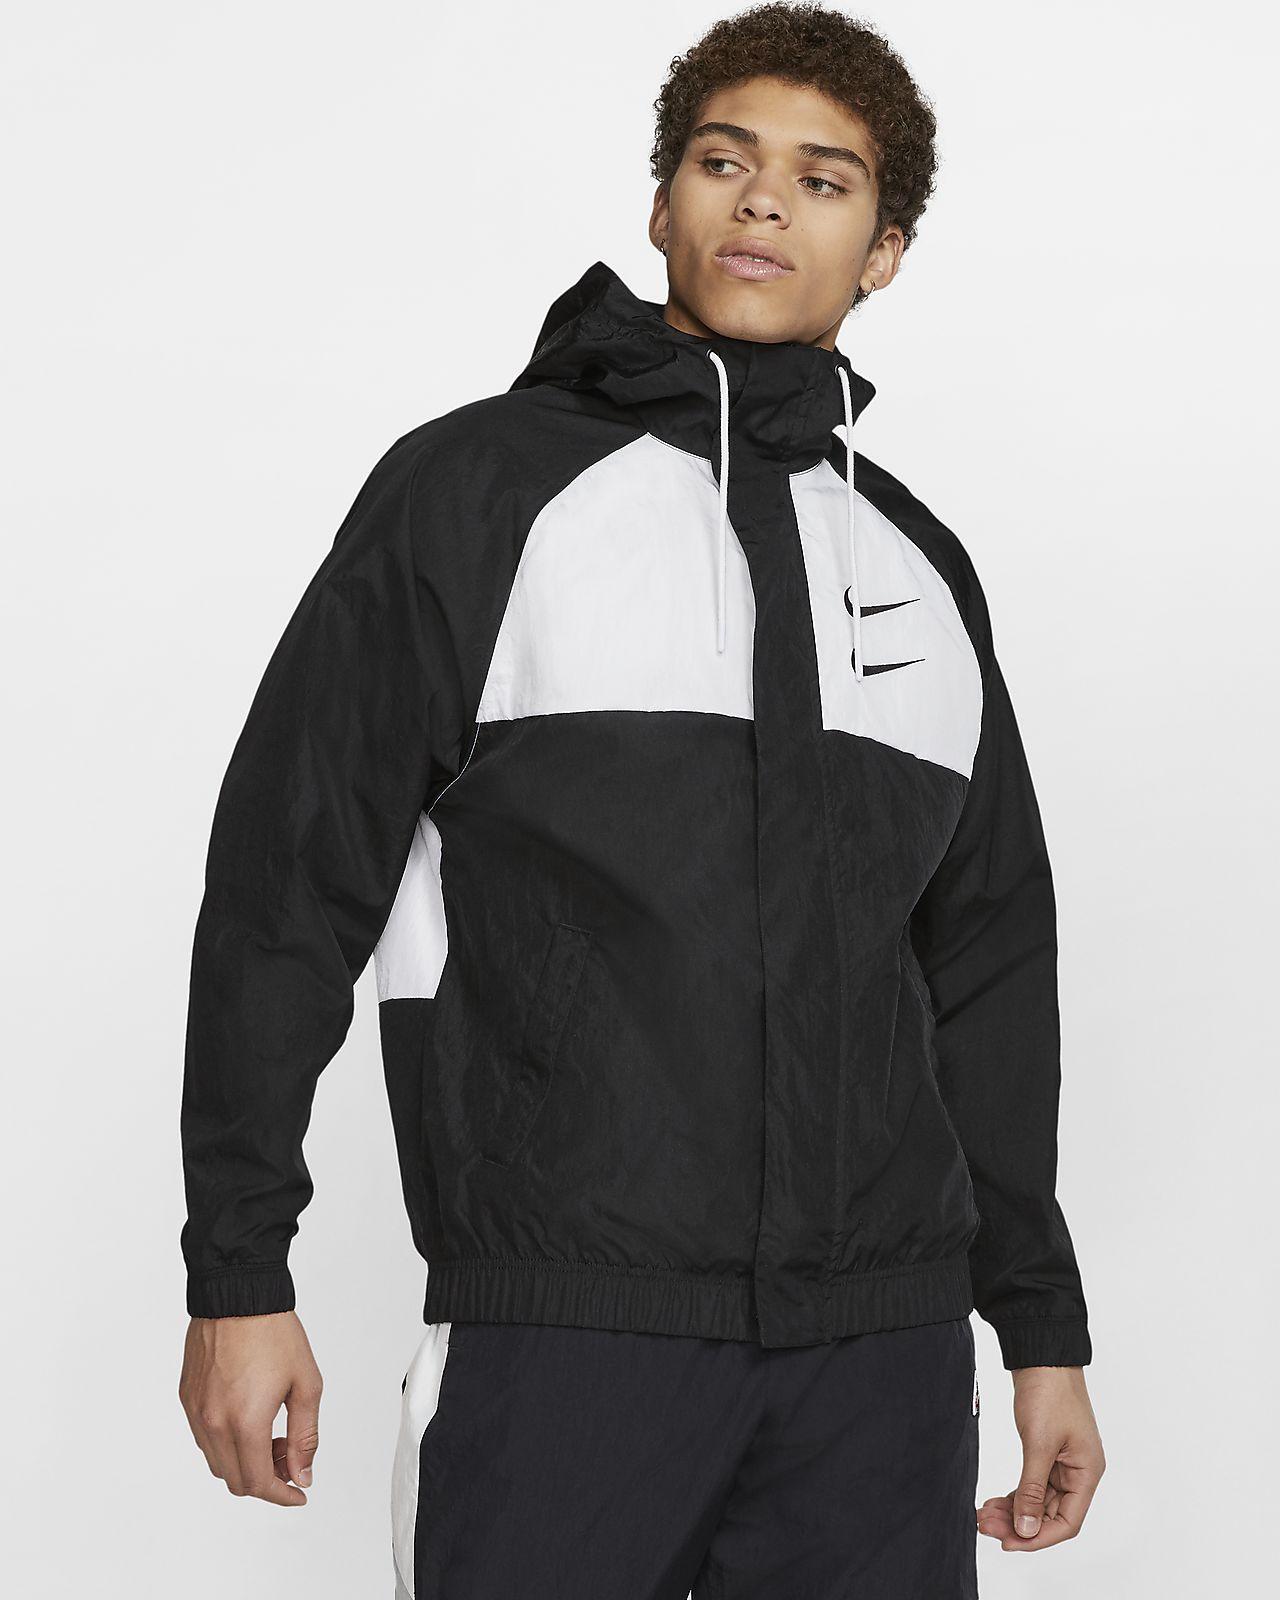 Nike Sportswear Hooded Windbreaker | AR2191 103 | White